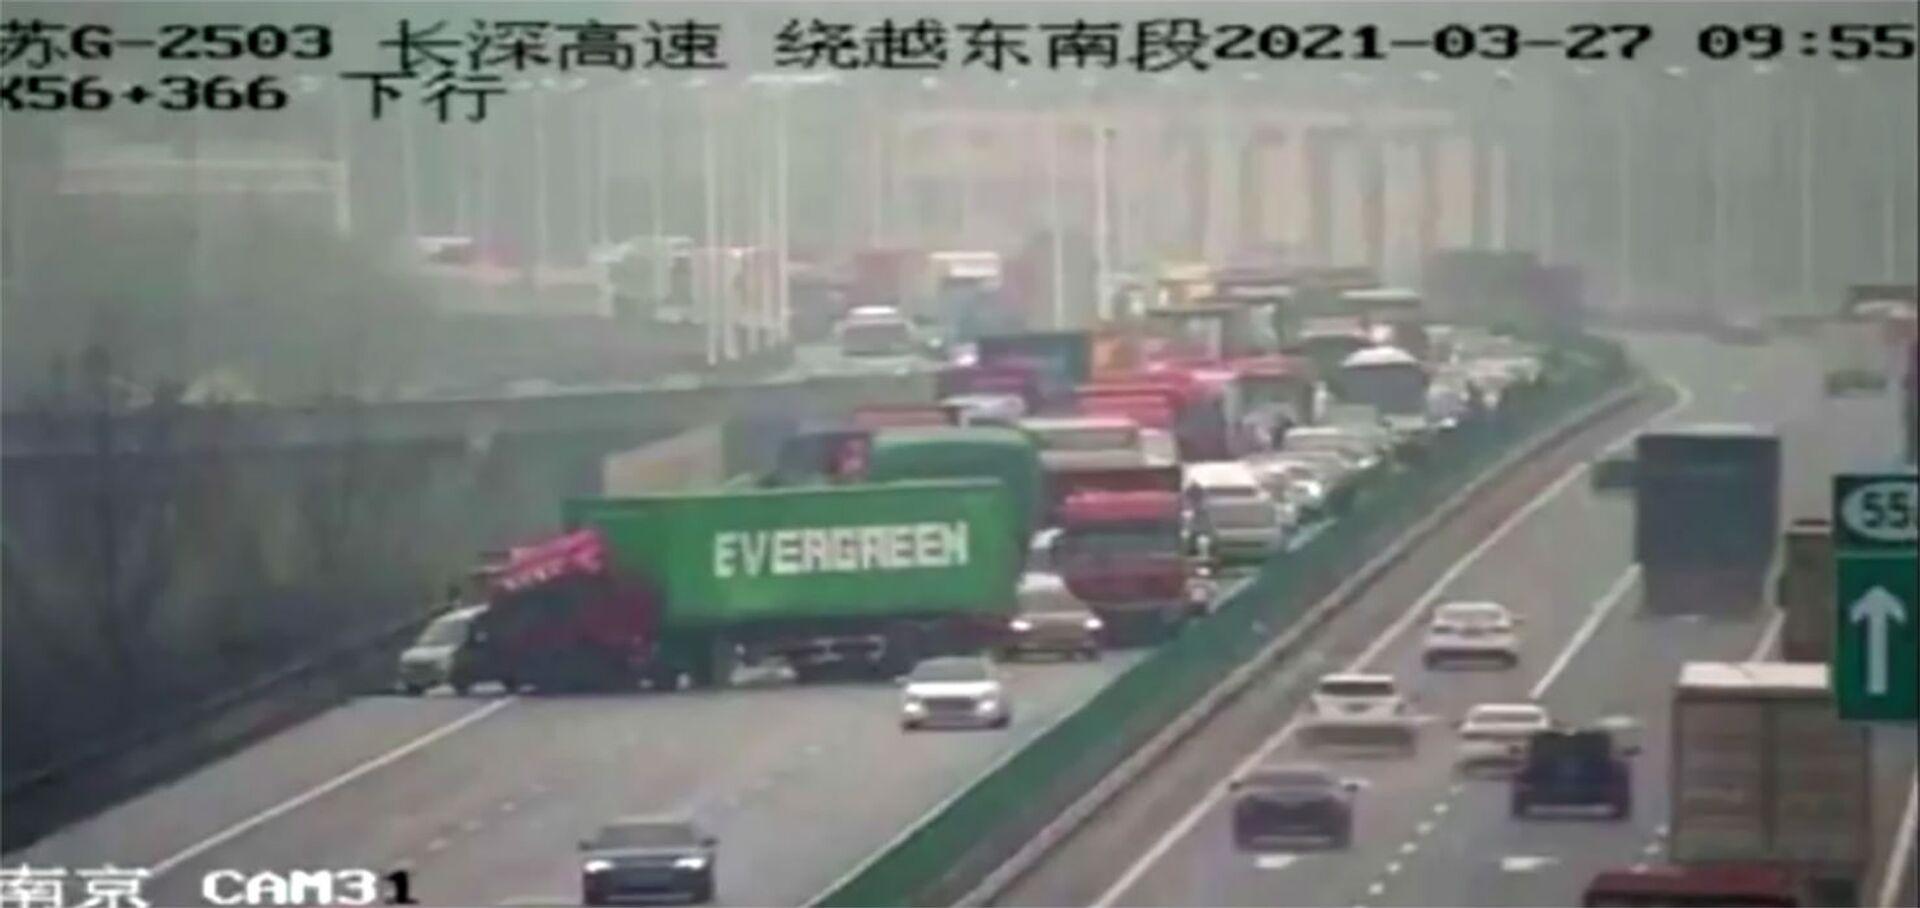 Kontejnerový vůz Evergreen během dopravní zácpy v Číně - Sputnik Česká republika, 1920, 20.04.2021